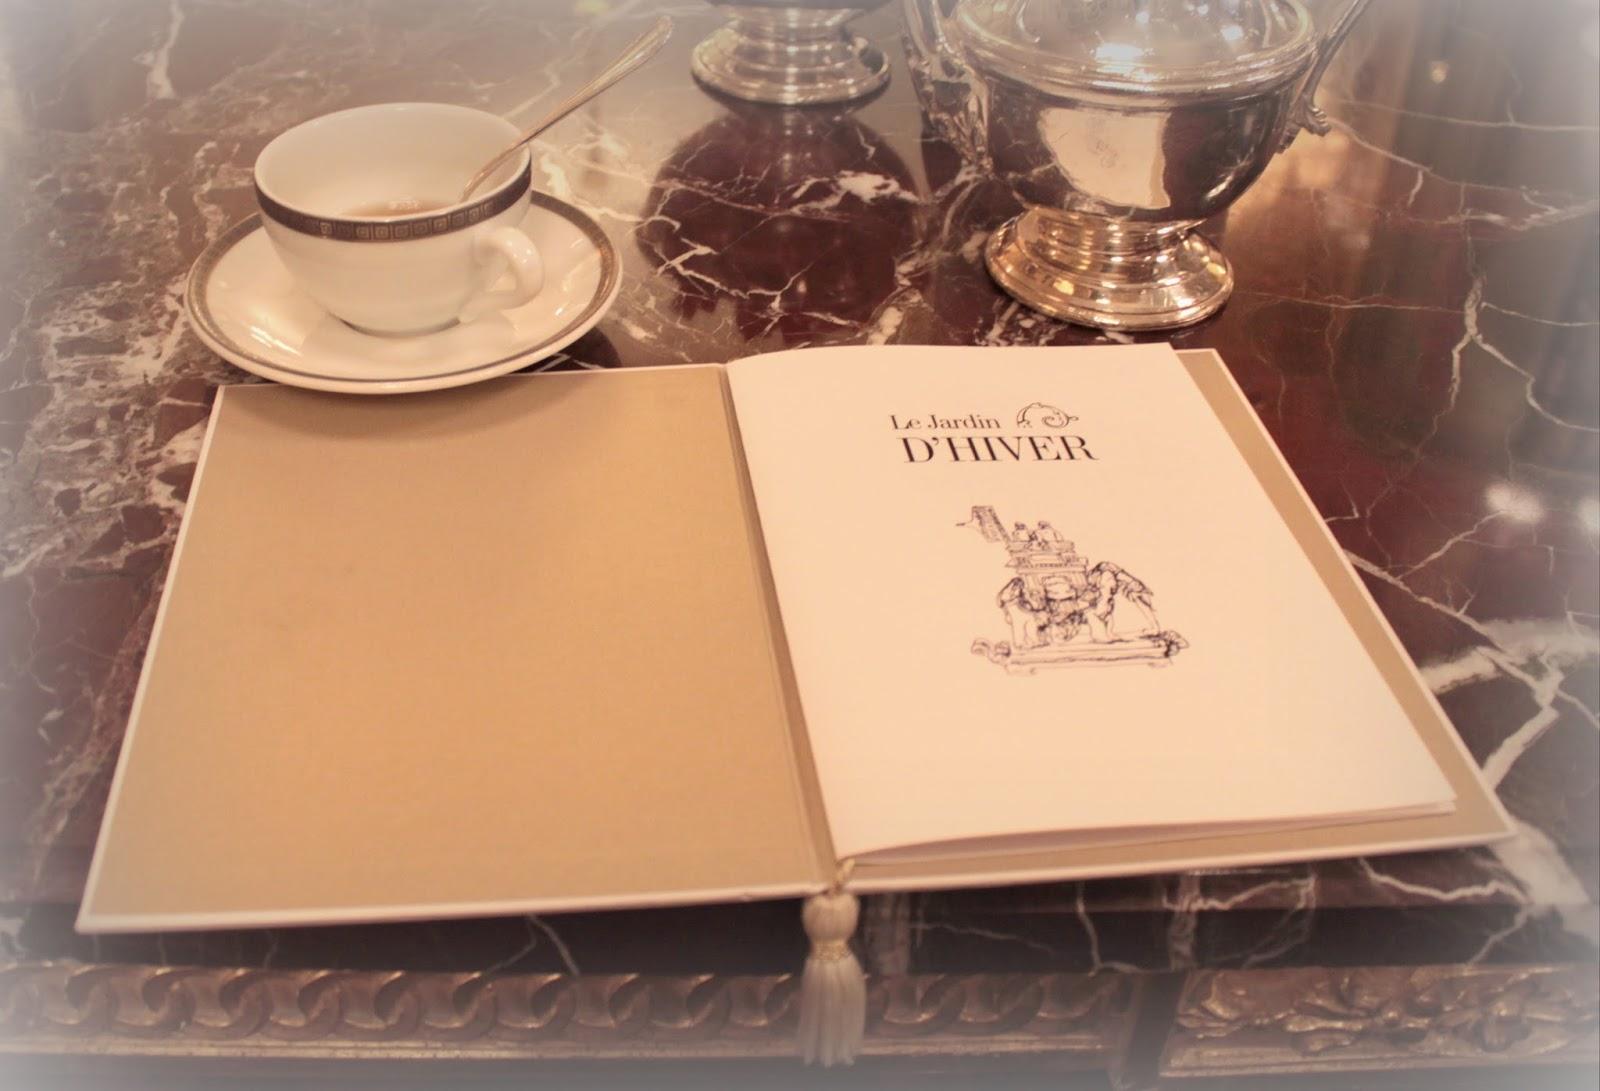 Reservation tea time at jardin d 39 hiver for Jardin d hiver